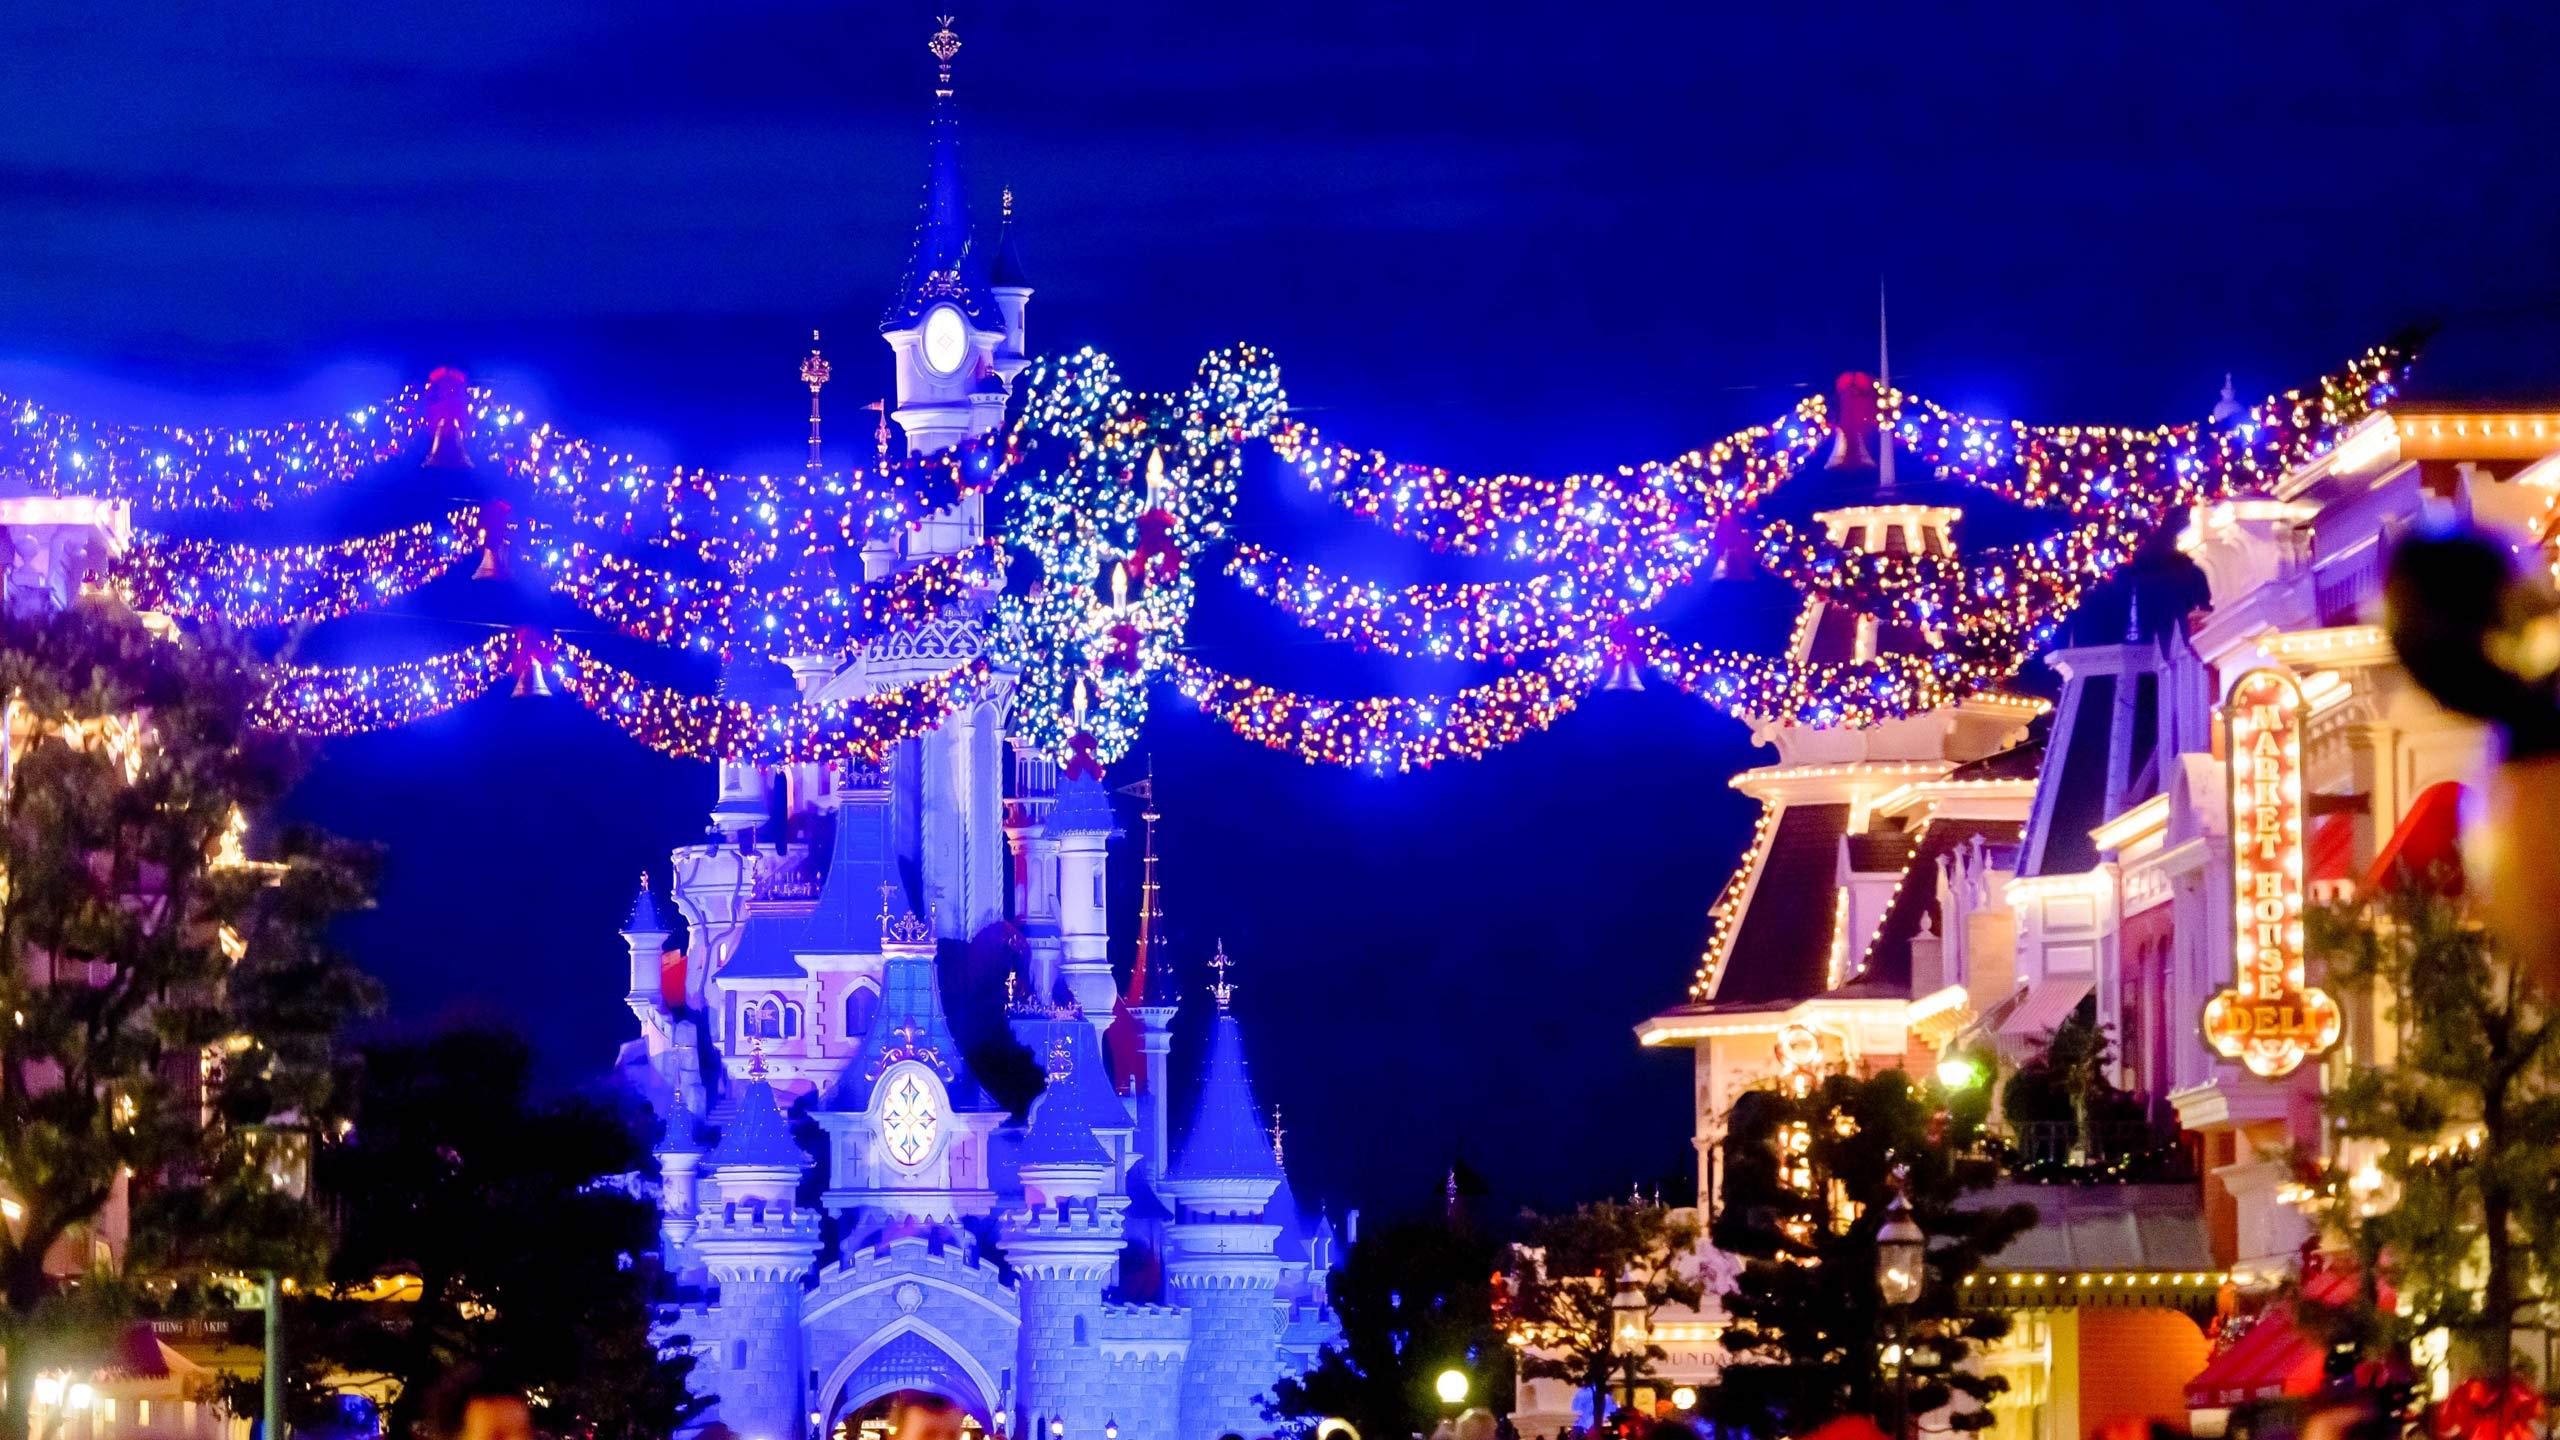 Visitar Disneyland París en familia... ¡Una gran excusa para disfrutar la Semana Mágica!